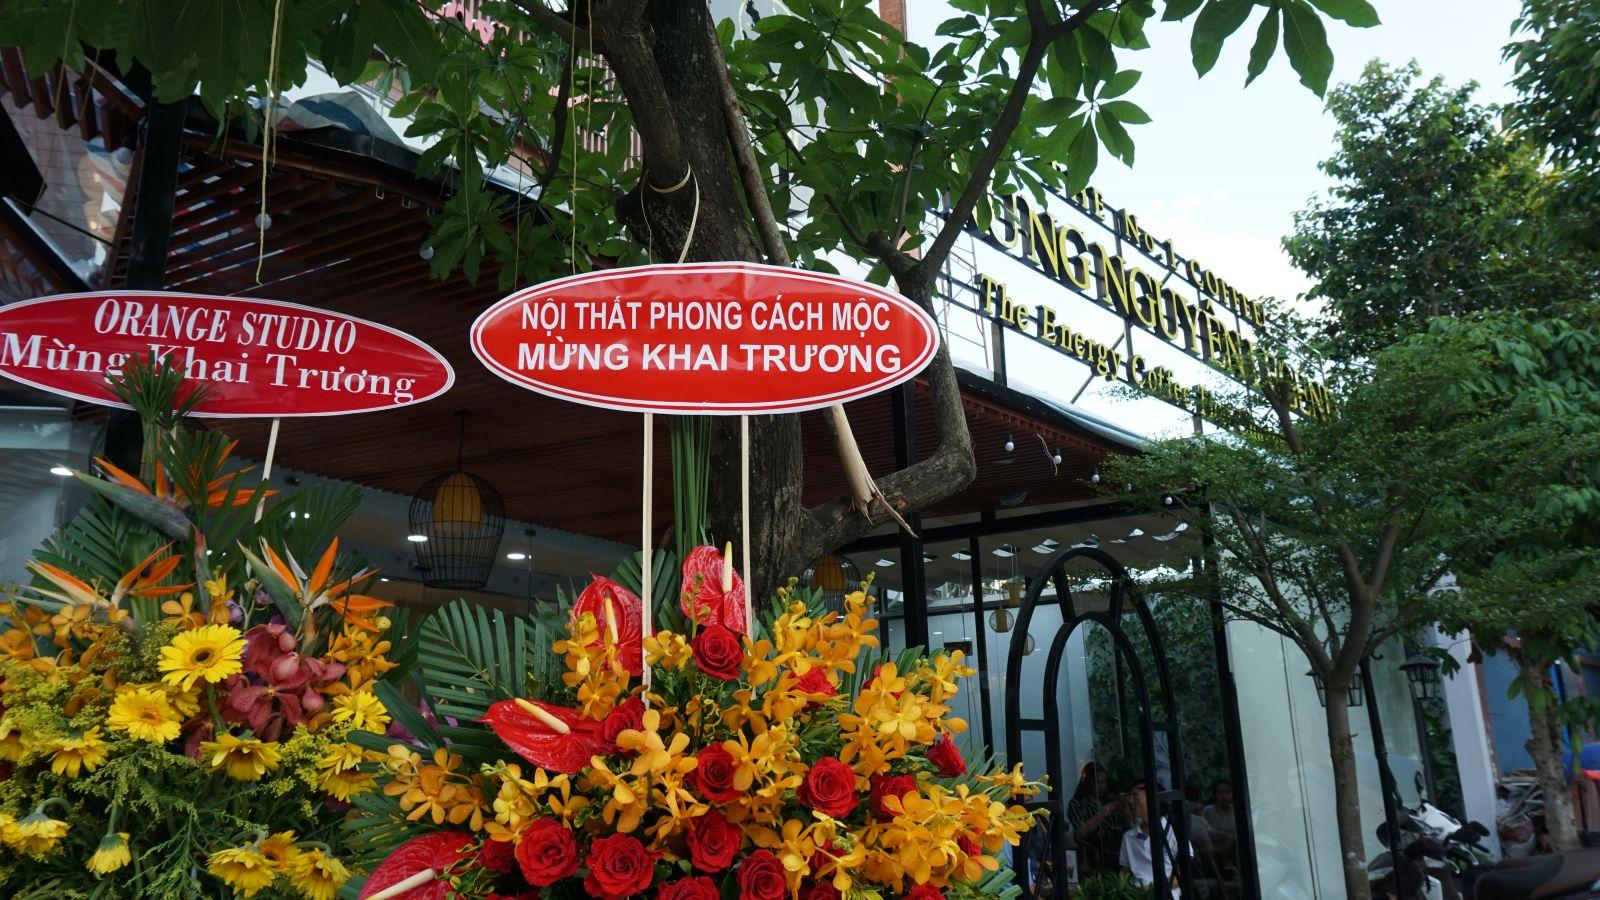 phong cách mộc mừng khai trương trung nguyên legend cafe